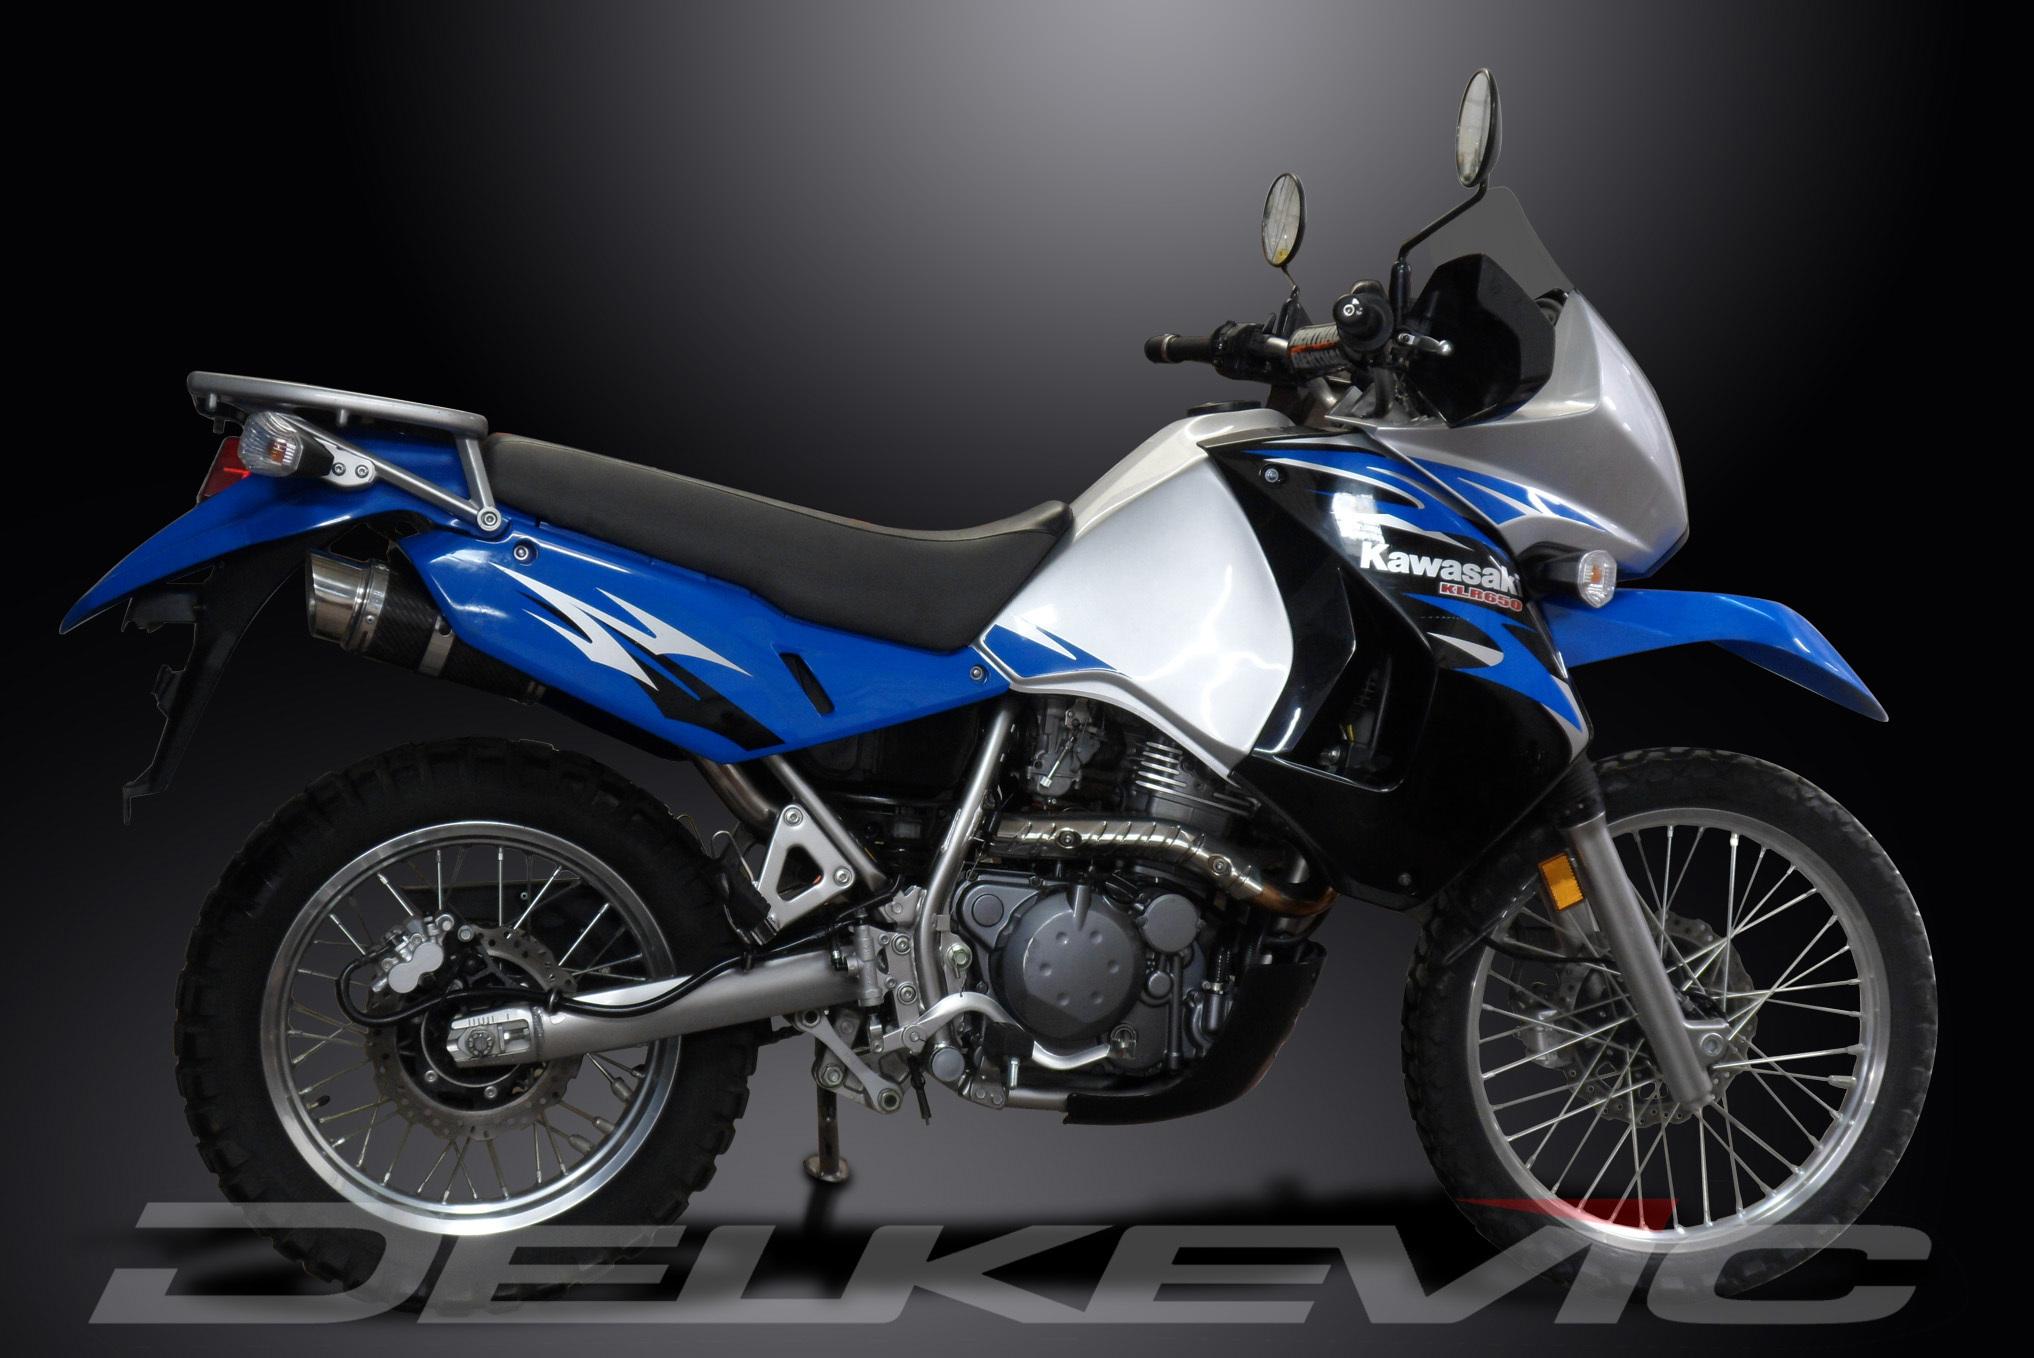 KLR650 A & E